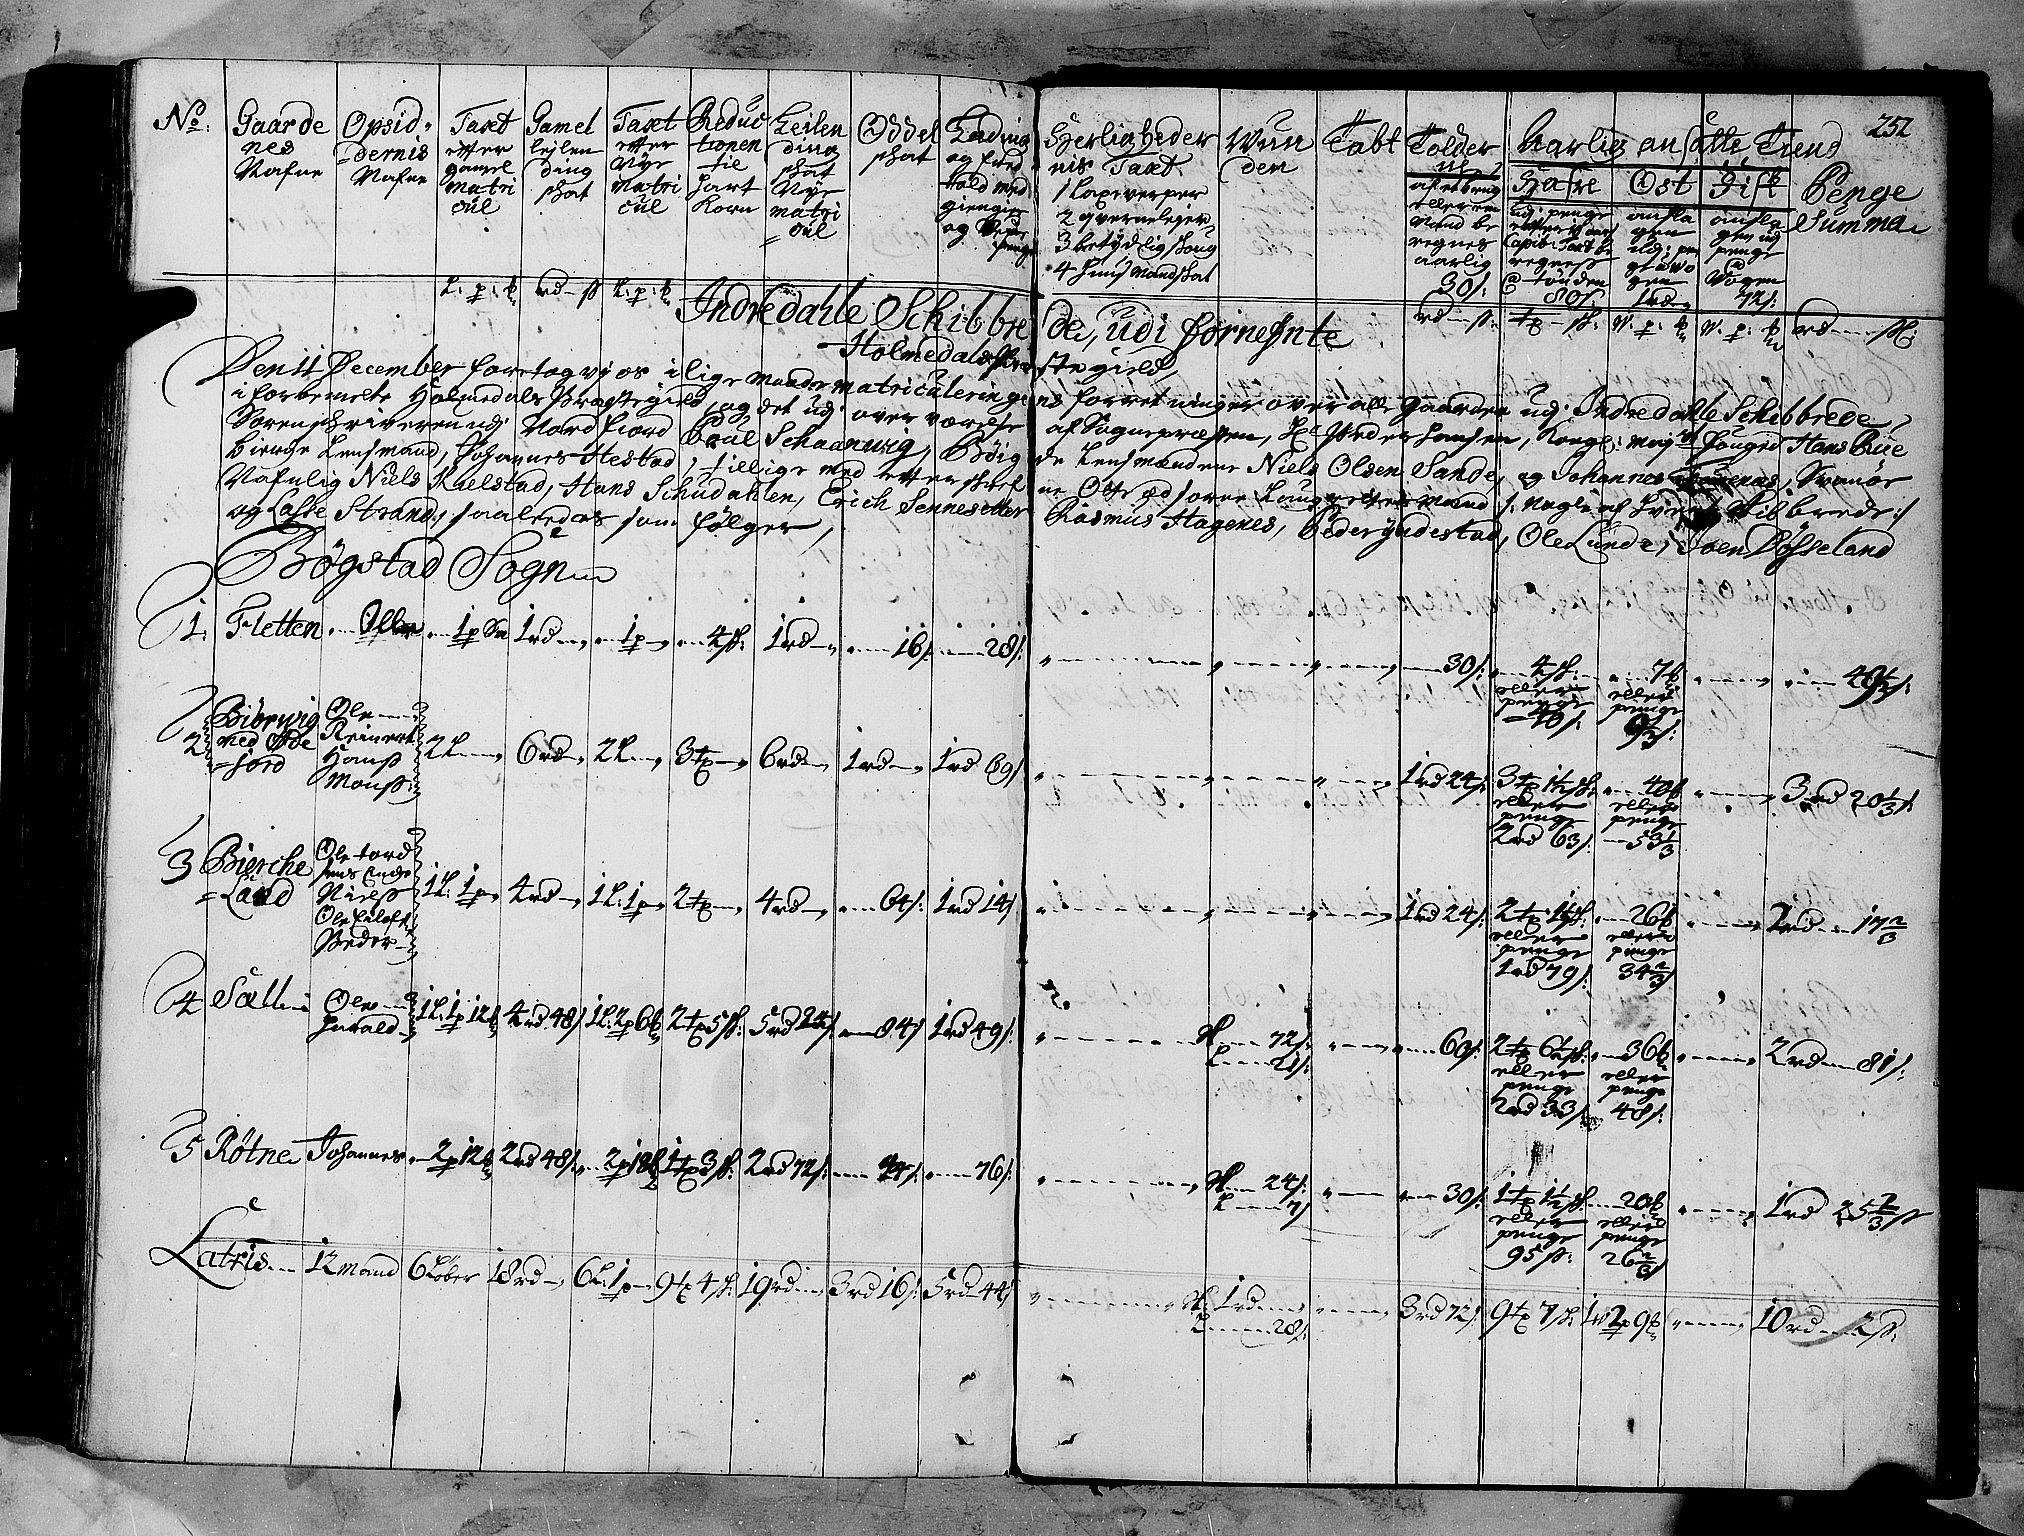 RA, Rentekammeret inntil 1814, Realistisk ordnet avdeling, N/Nb/Nbf/L0147: Sunnfjord og Nordfjord matrikkelprotokoll, 1723, s. 251b-252a